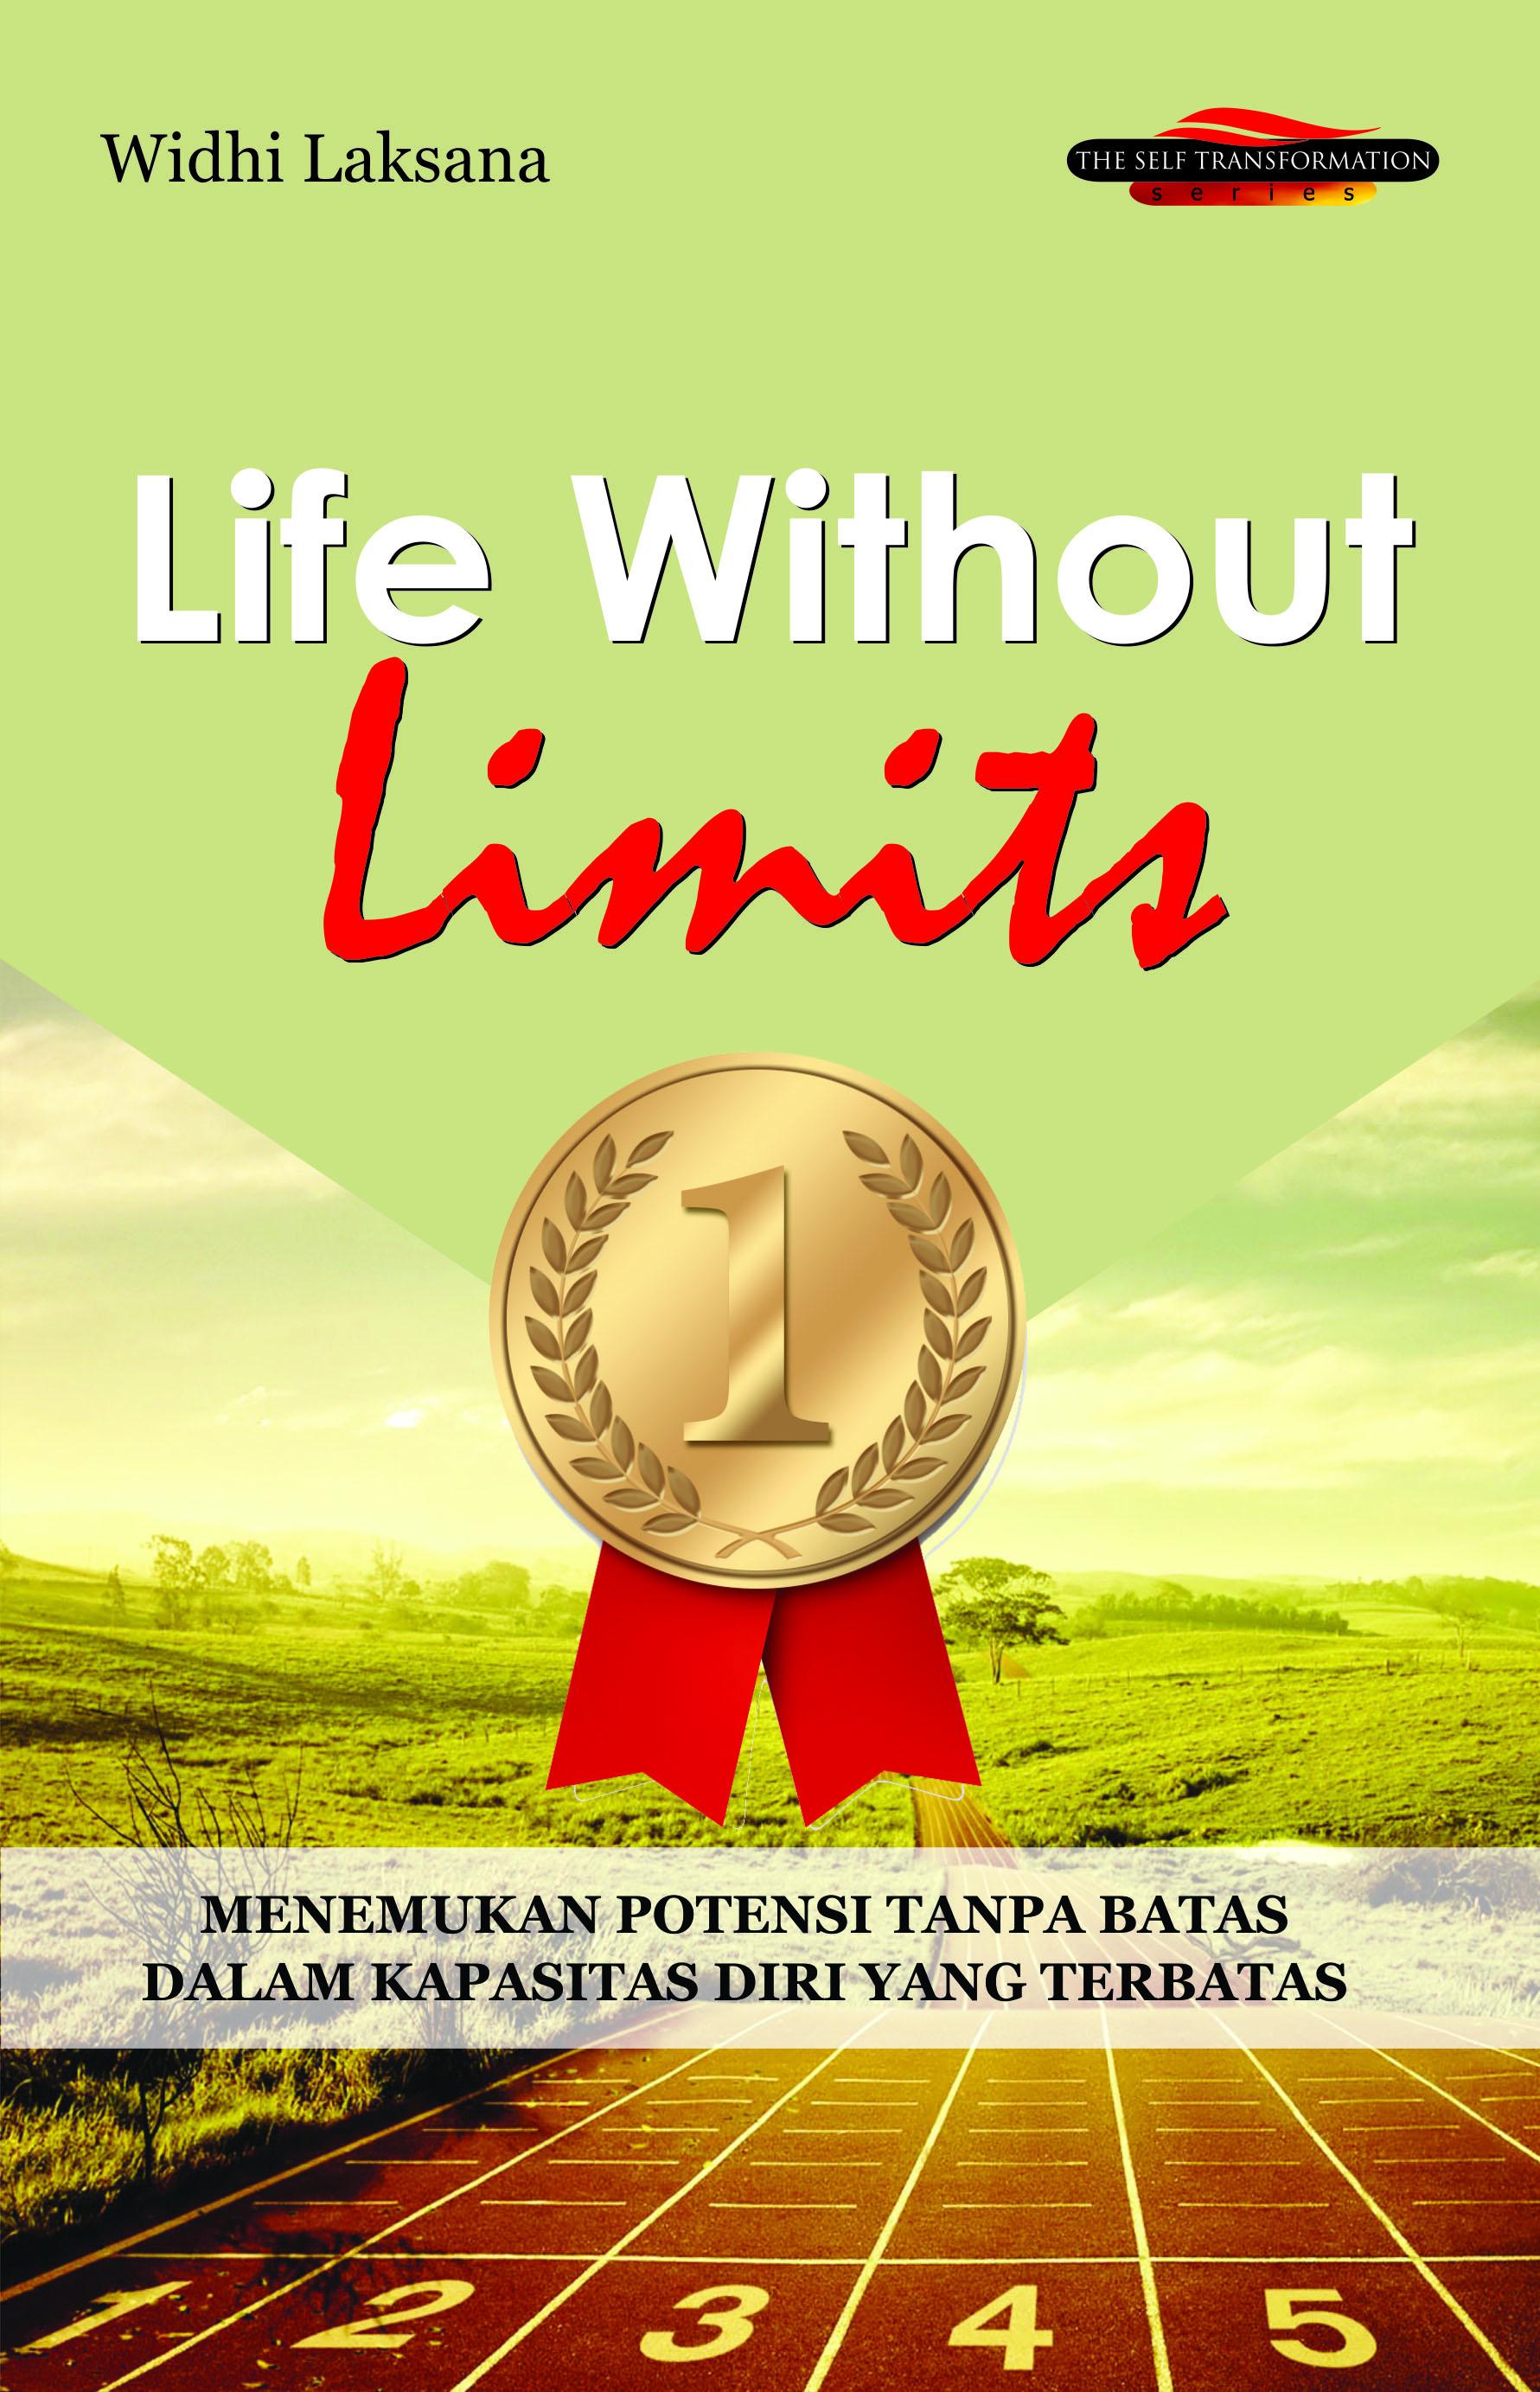 Life without limits, menemukan potensi tanpa batas dalam kapasitas diri yang terbatas [sumber elektronis]